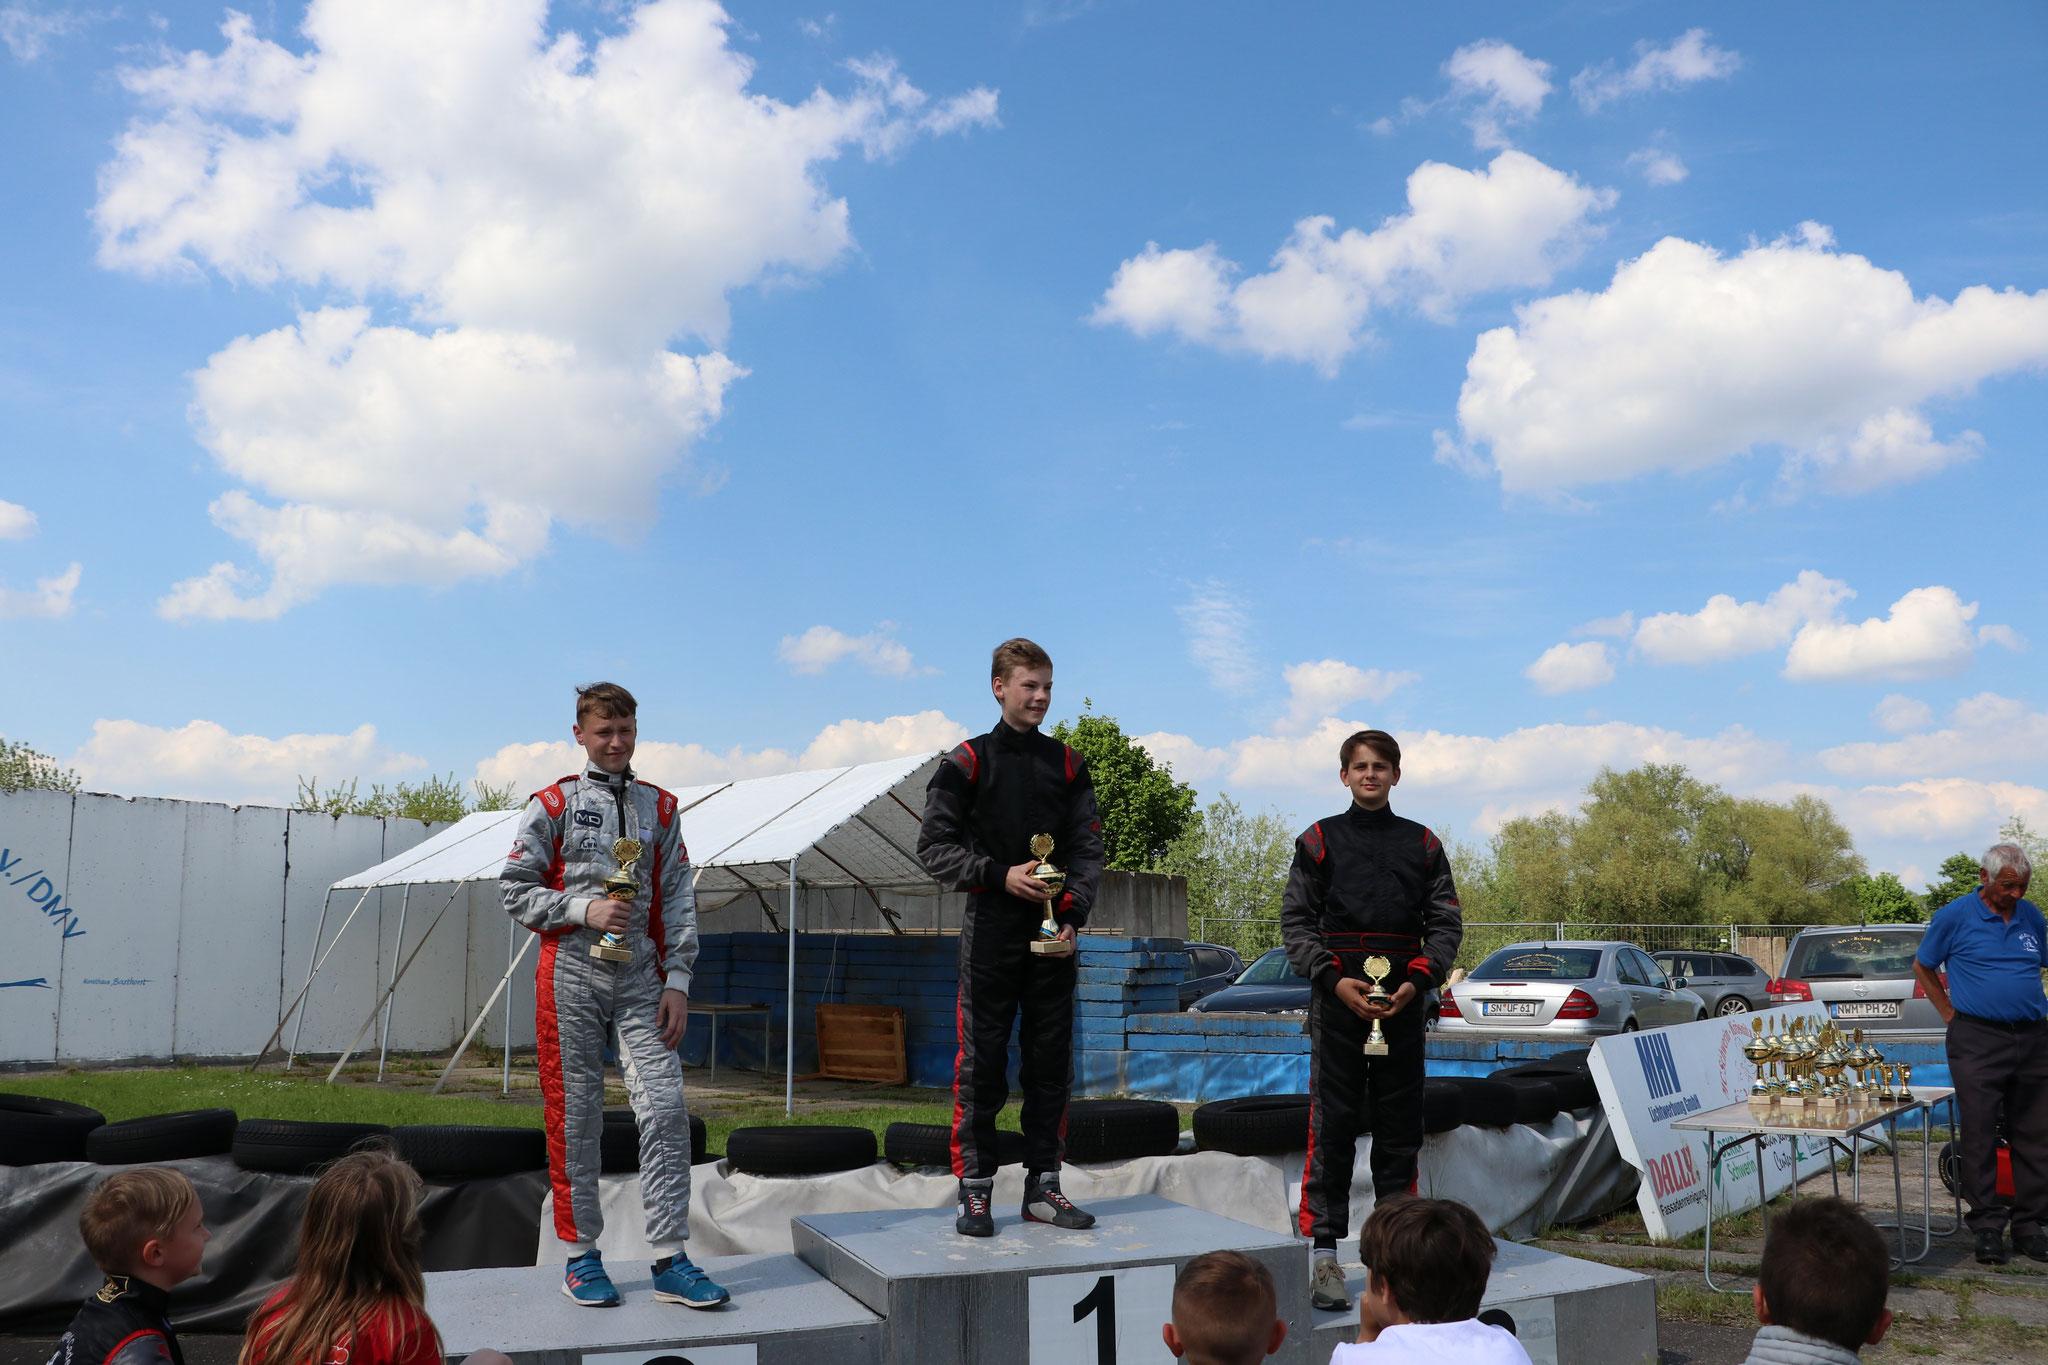 In der Klasse 4 holte sich Michel Boje den Tagessieg und Joel Selenski kam auf den dritten Platz